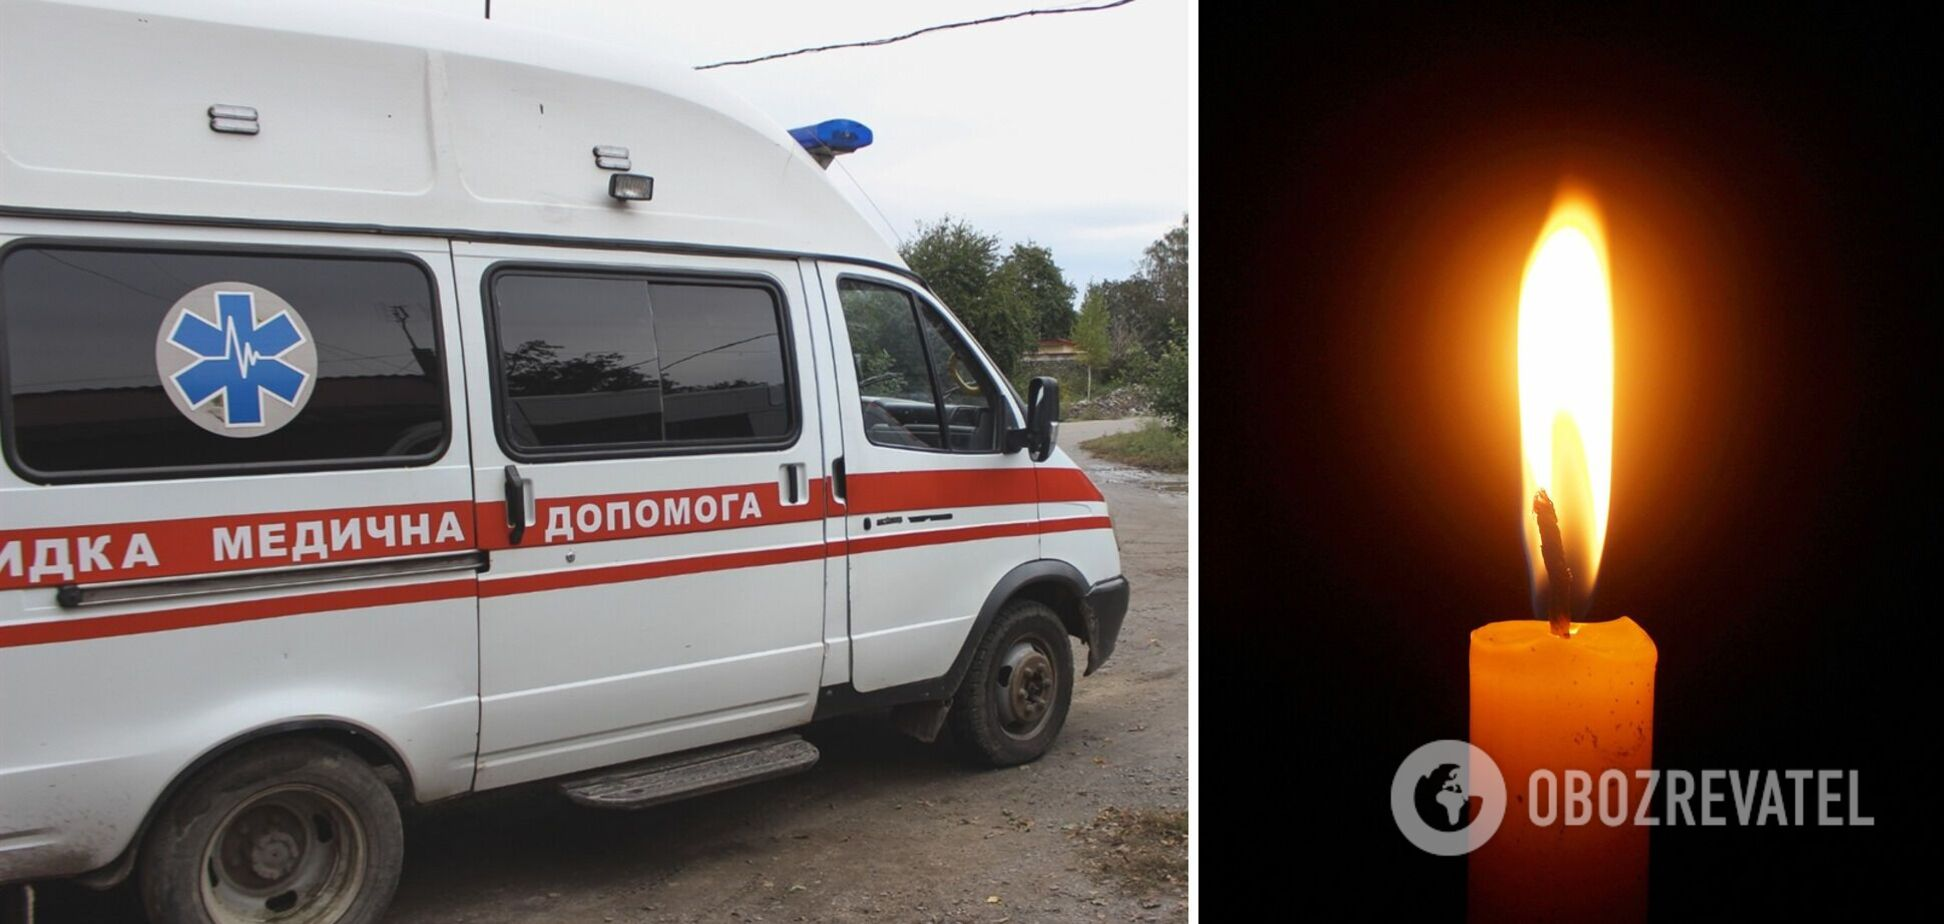 Во Львове угарным газом отравились два человека: стали известны детали трагедии